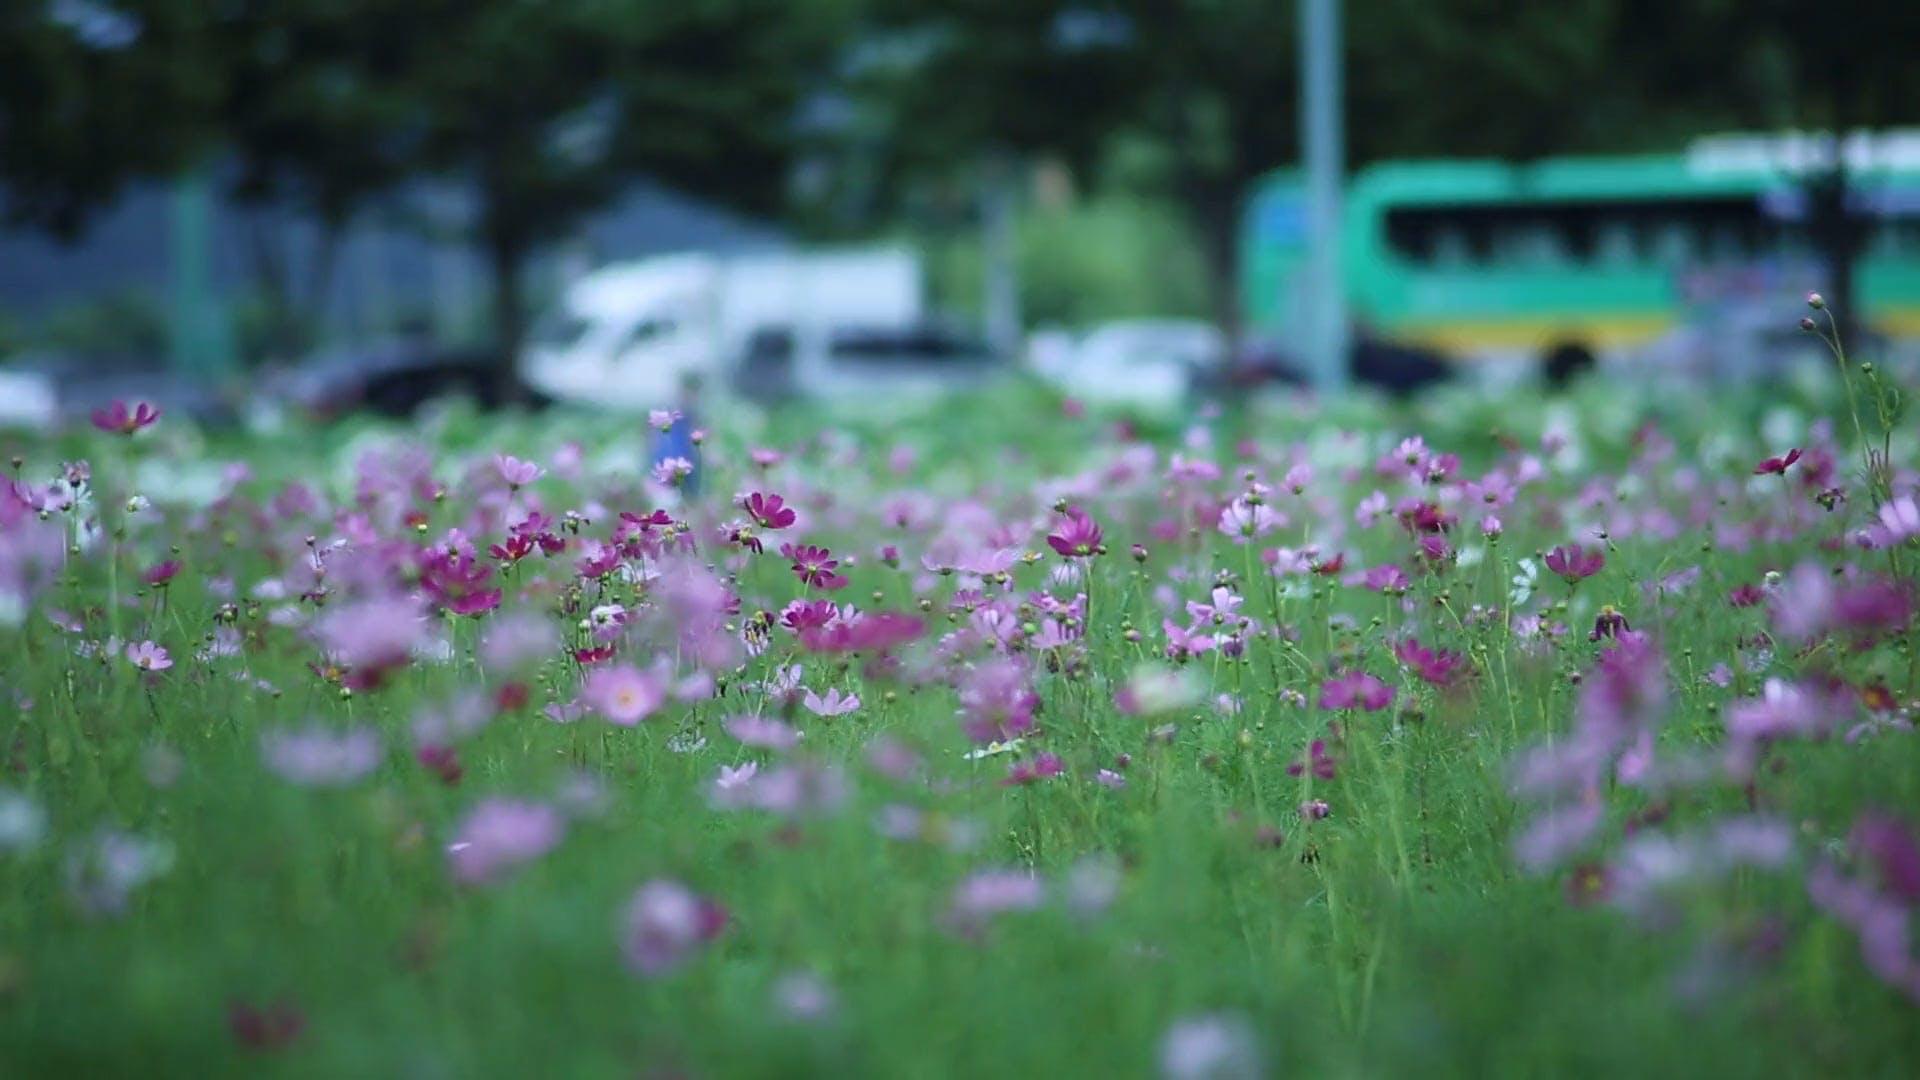 Video Of Flower Field